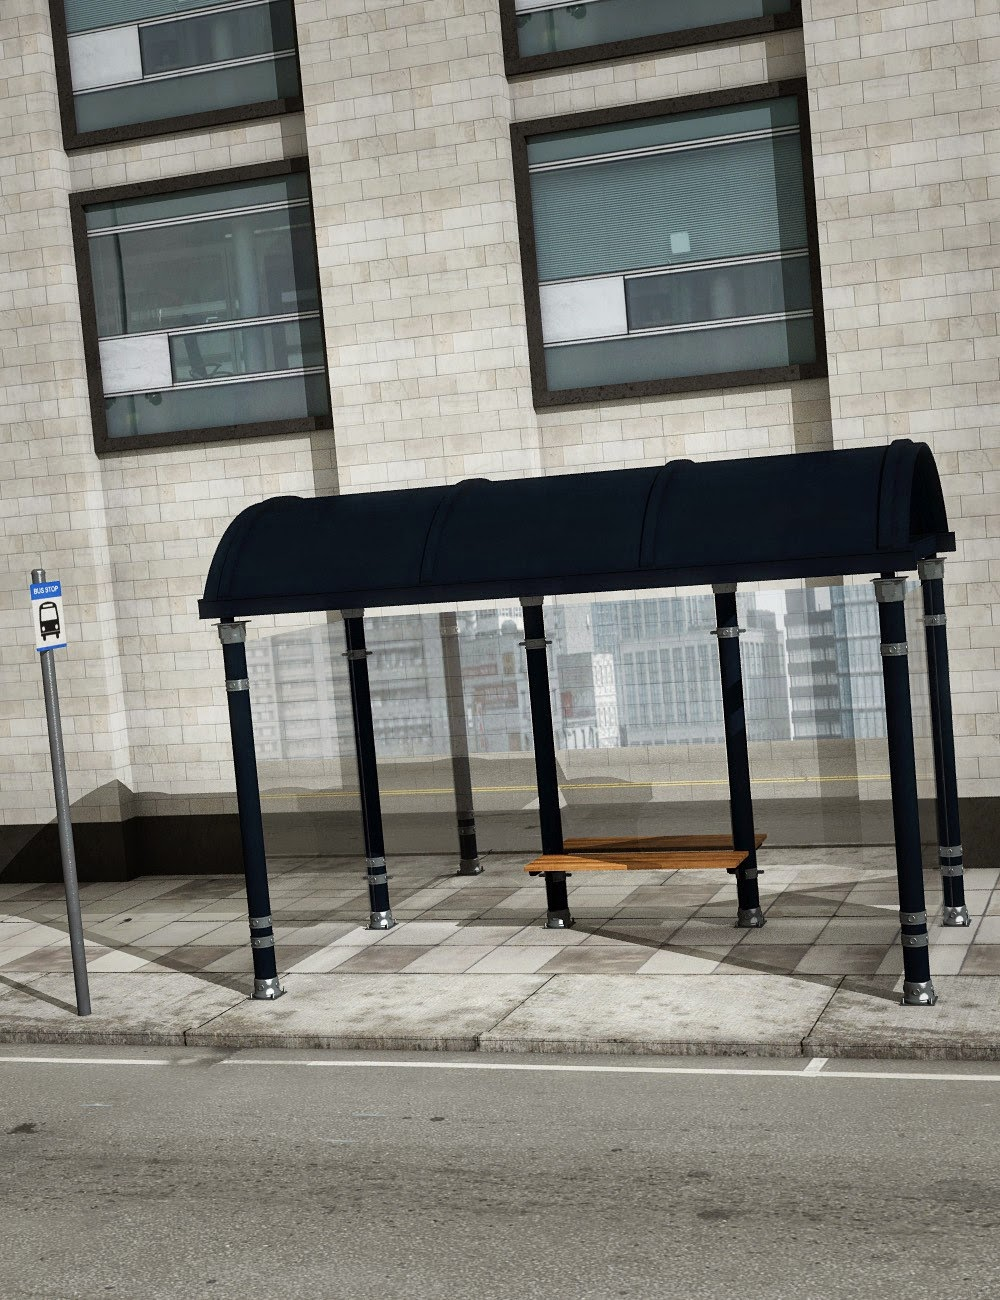 L'arrêt de bus de la ville